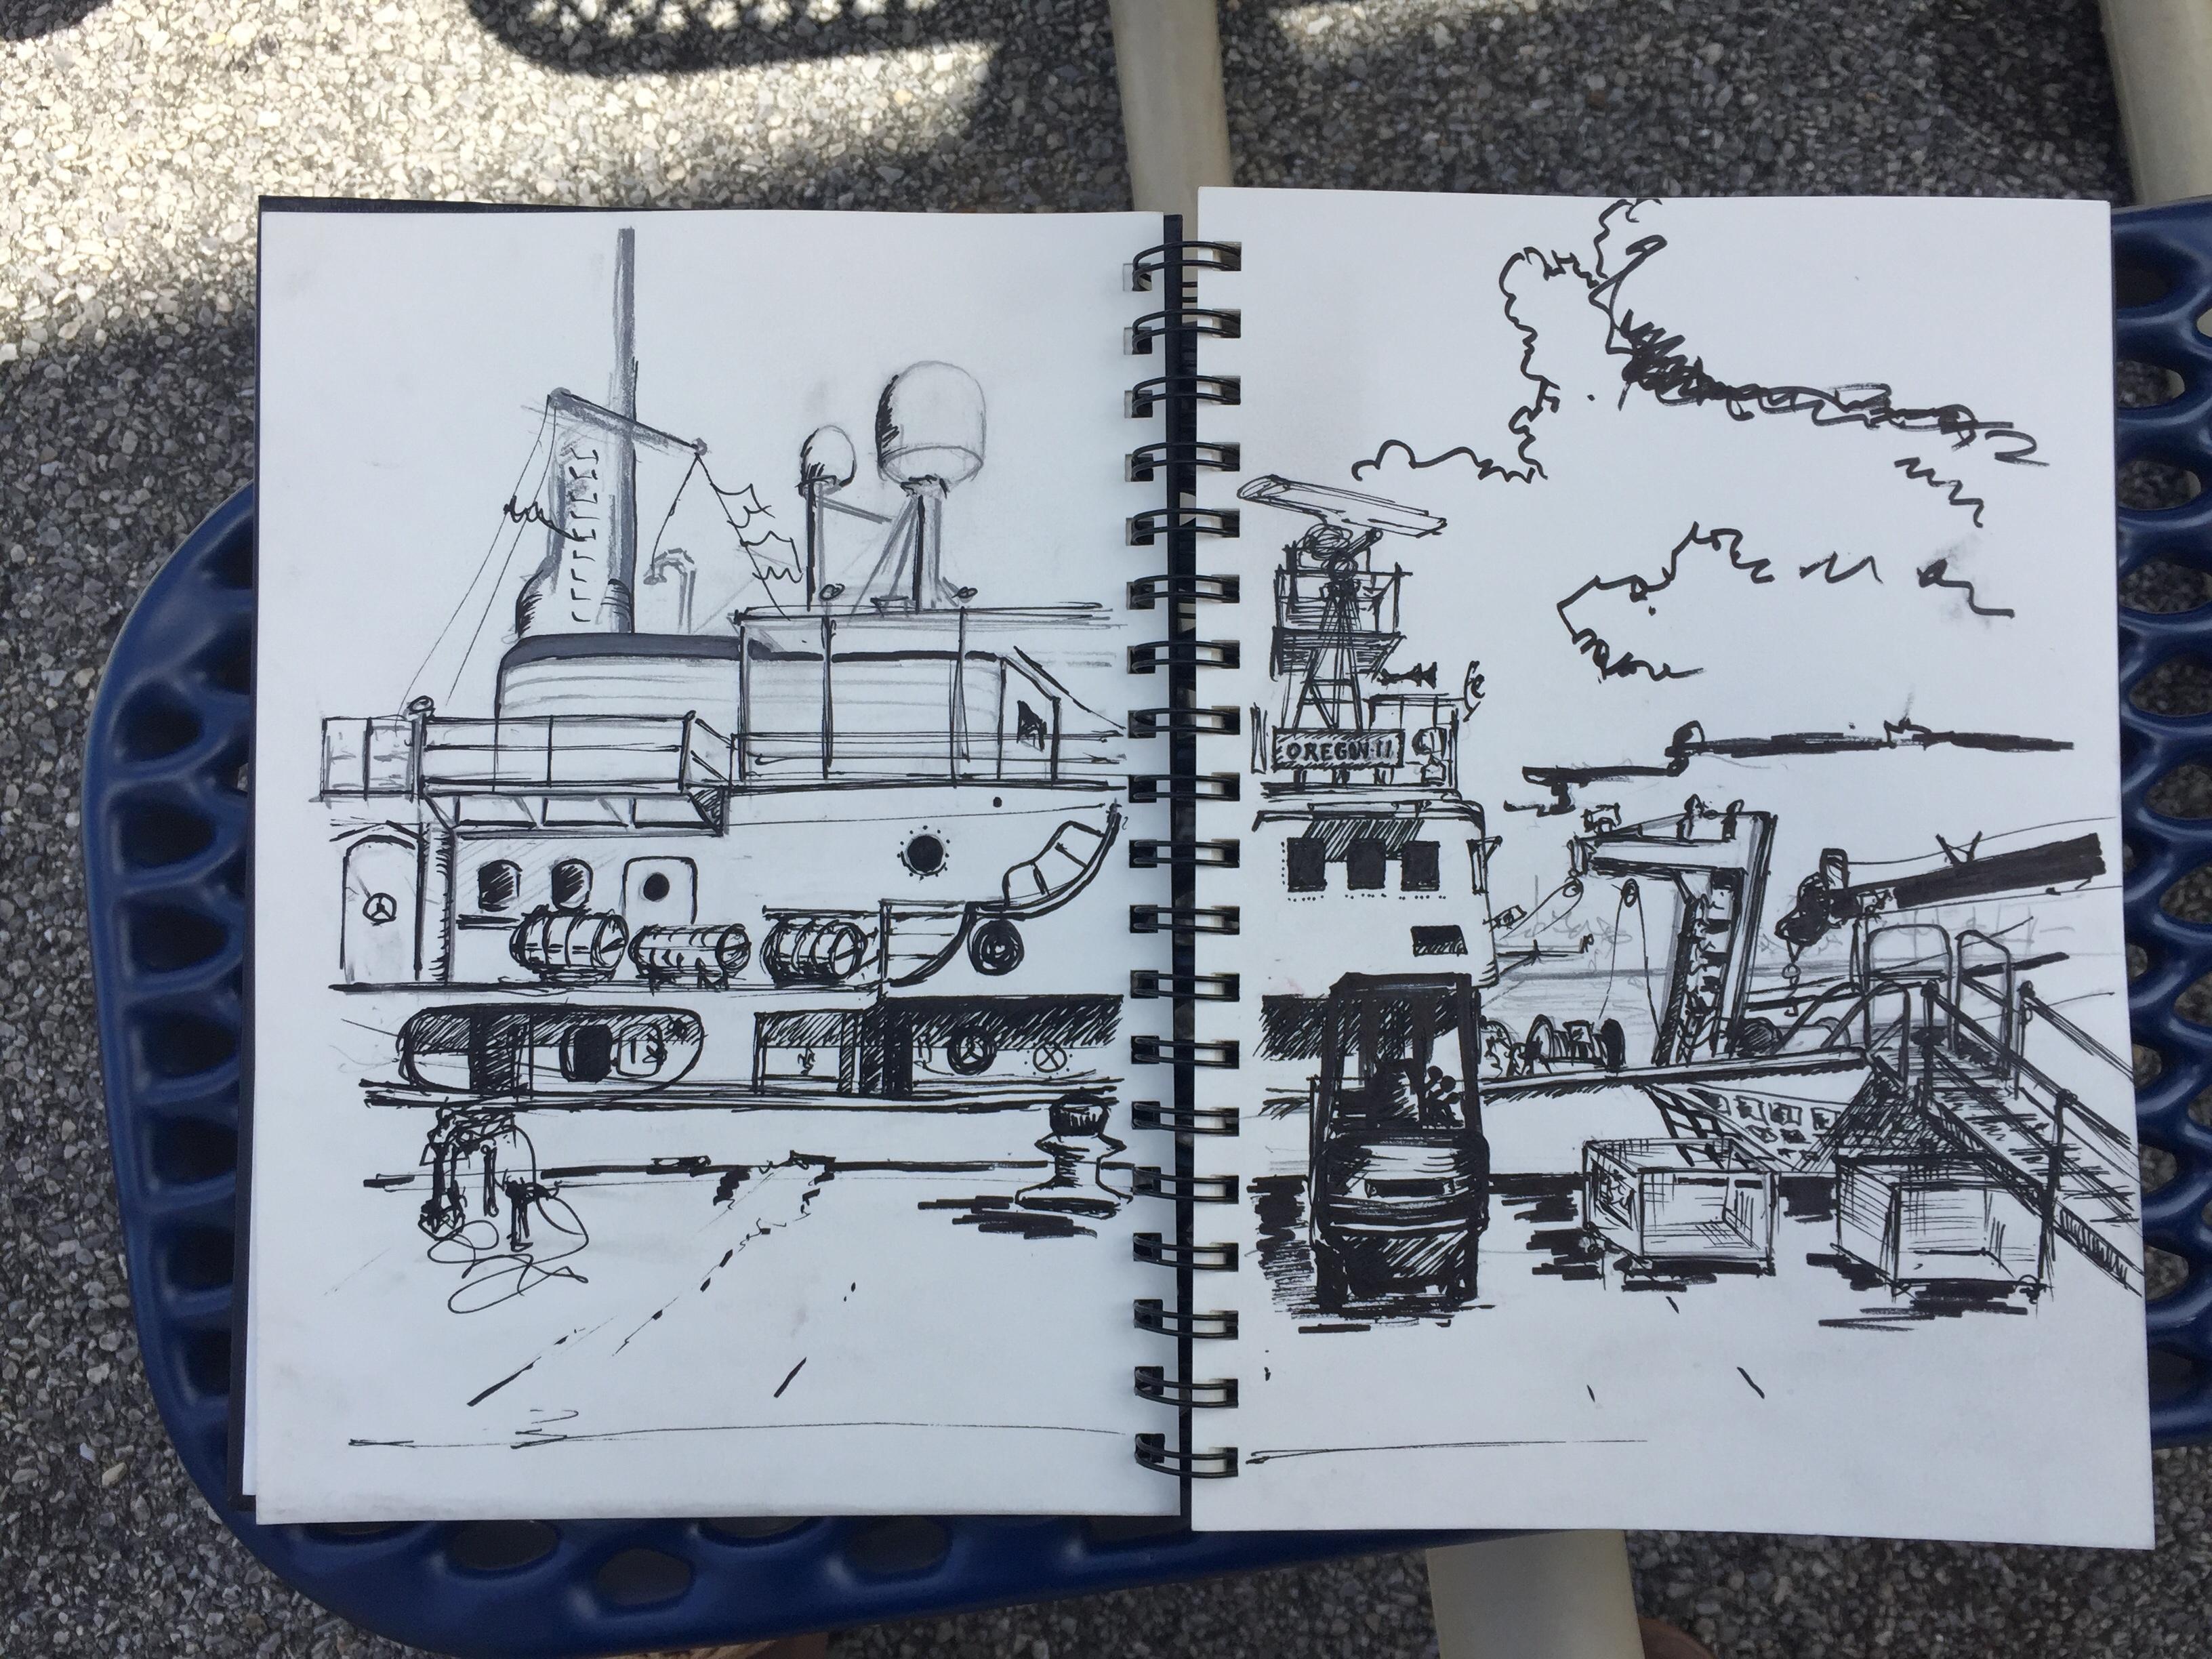 Sketch of NOAA ship Oregon II